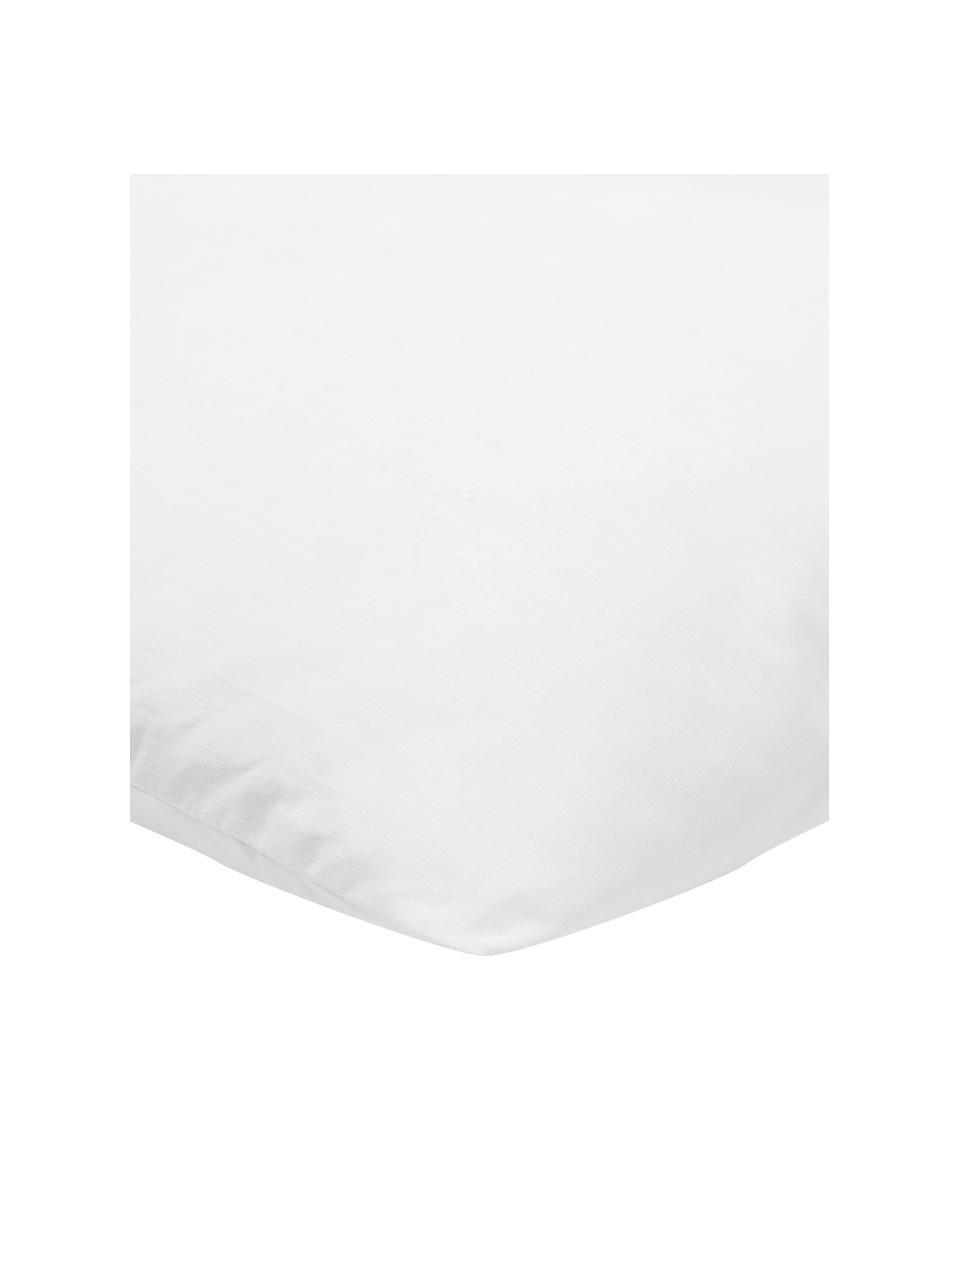 Wkład do poduszki z mikrofibry Sia, 45x45, Biały, S 45 x D 45 cm